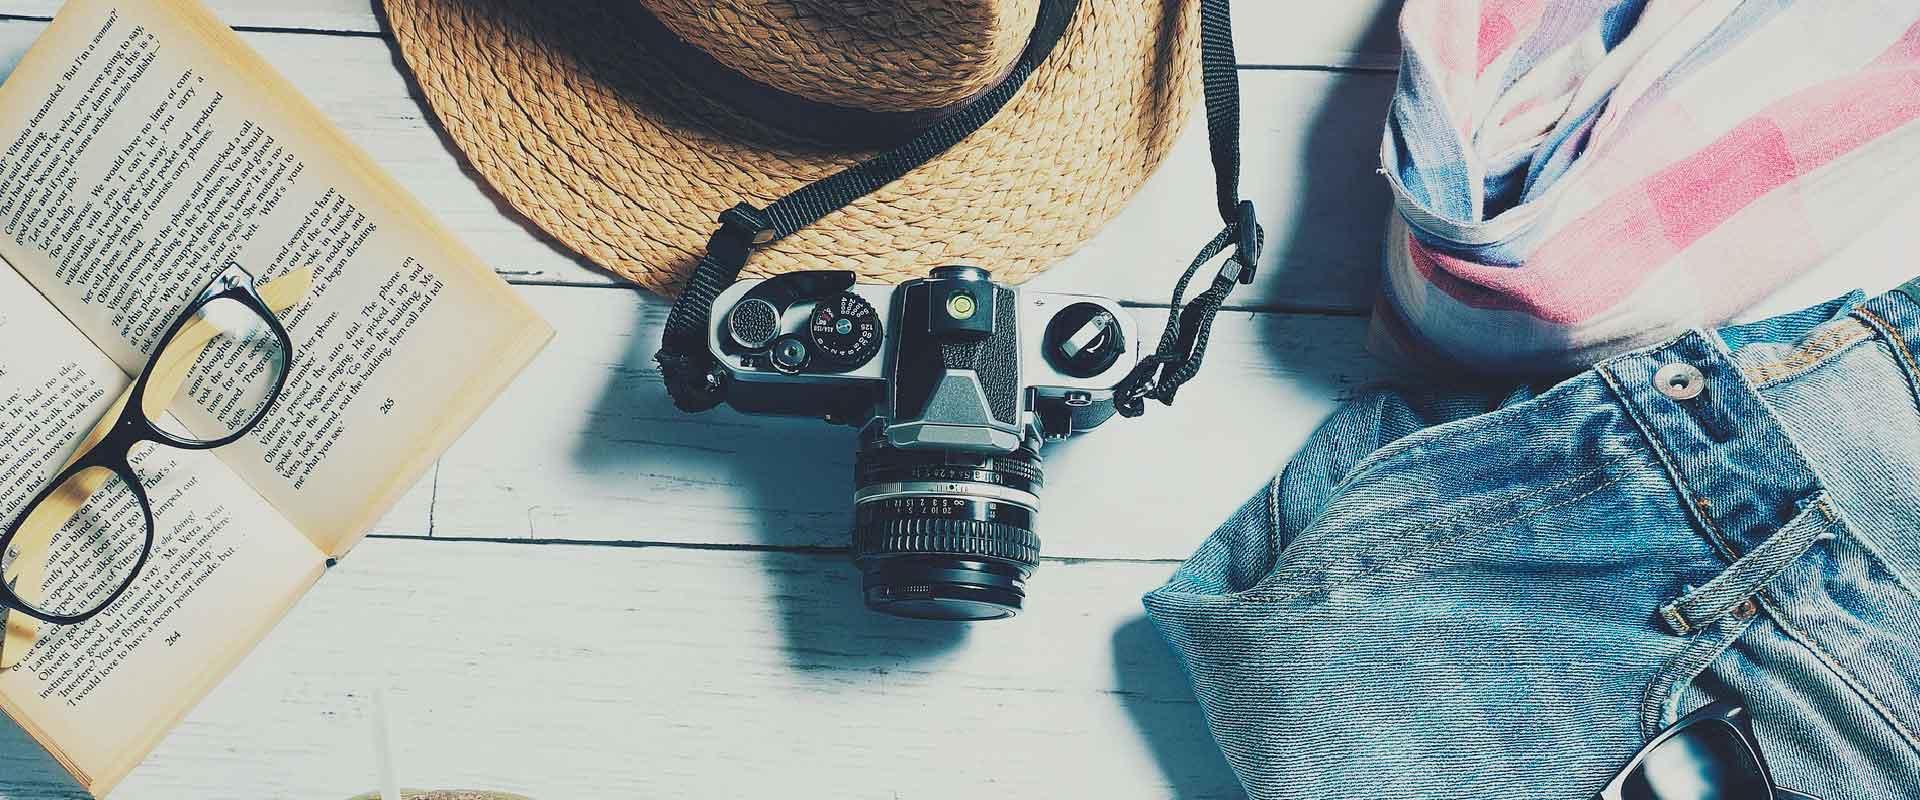 Blog de viajes de Enrutamos Travel